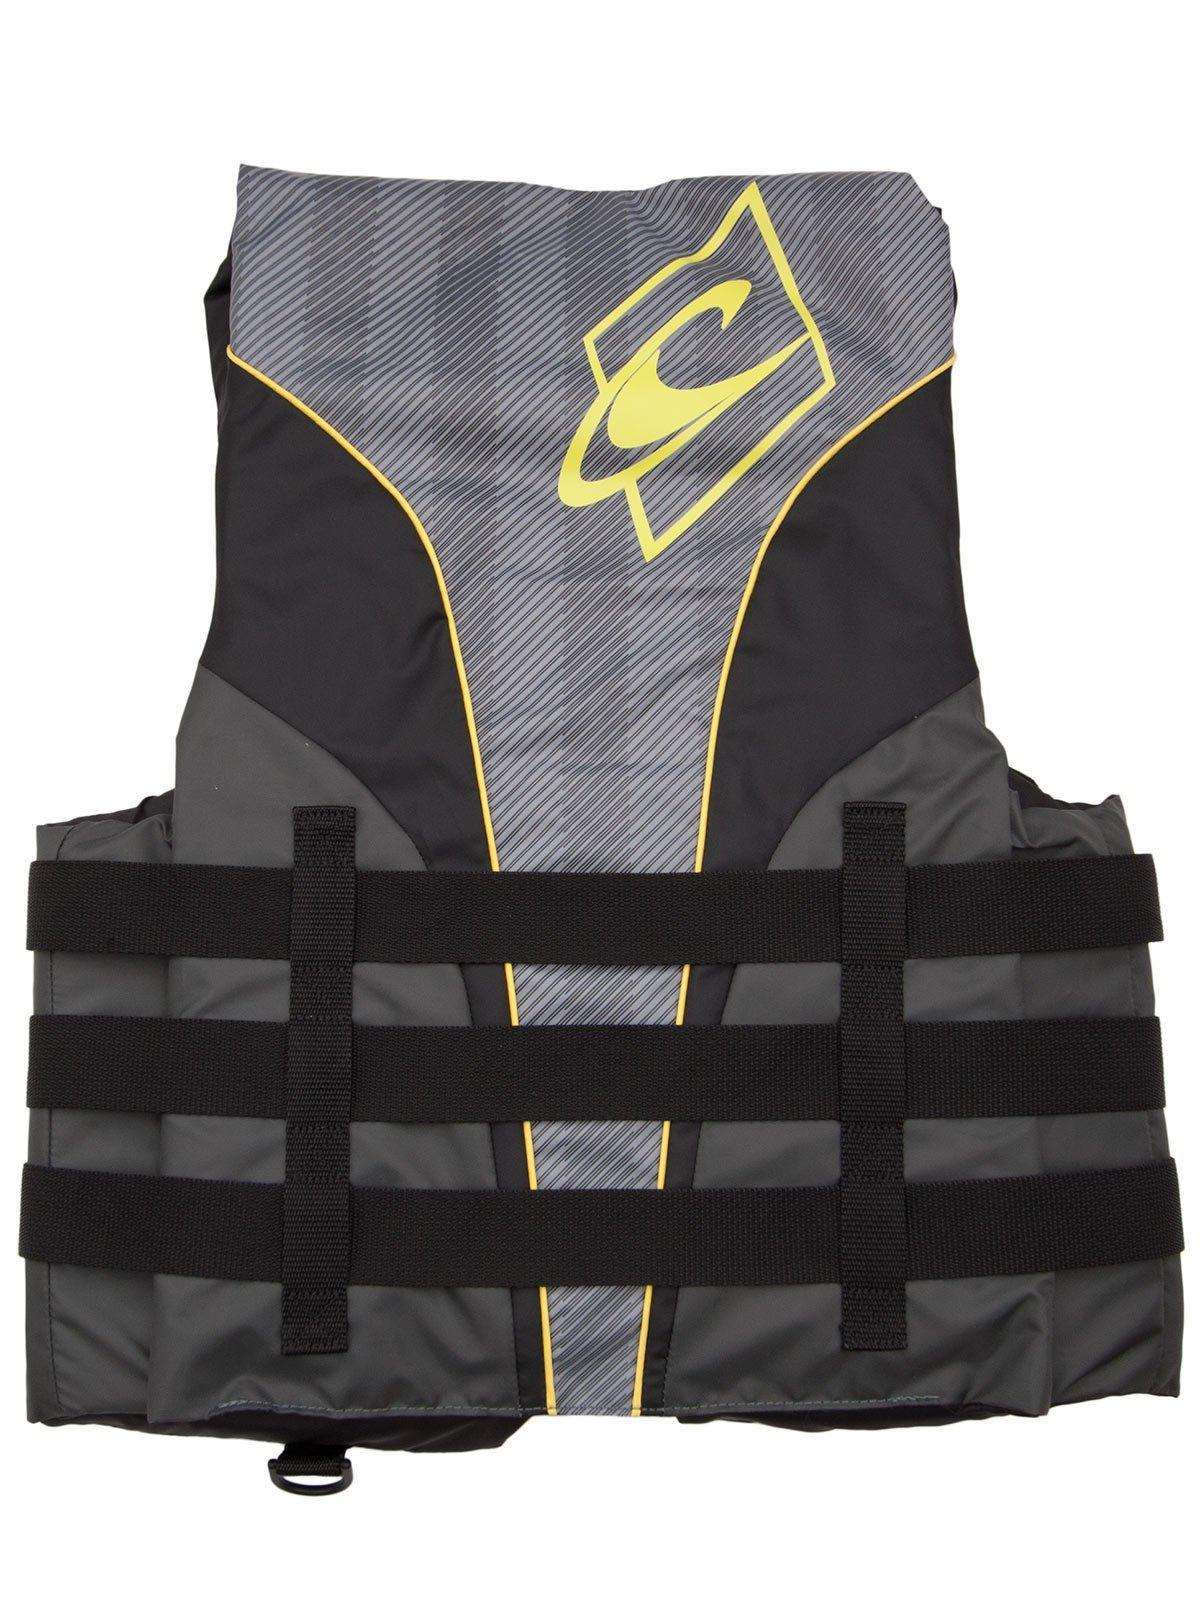 O'Neill Mens Superlite USCG Life Vest S Black/Graphite/Smoke/Yellow (4723) by O'Neill (Image #3)